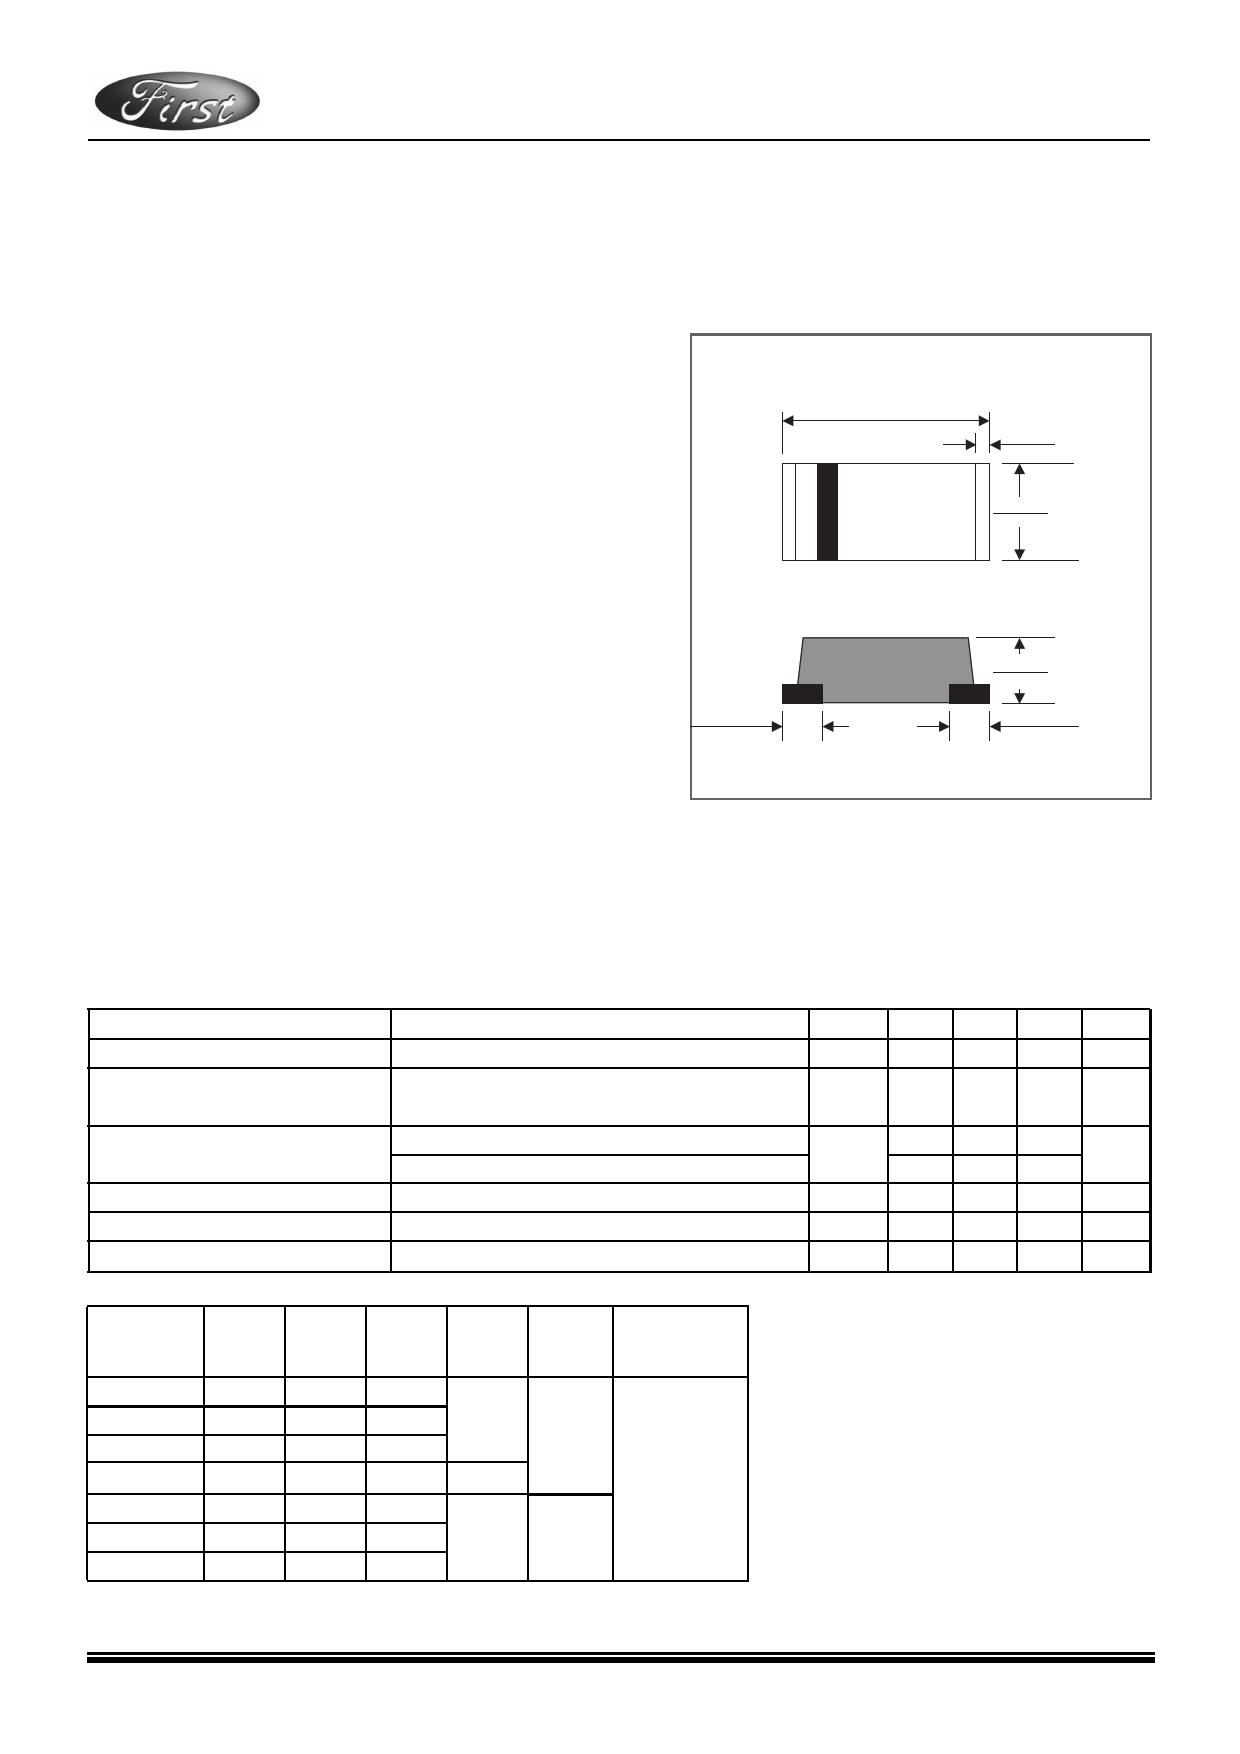 MURA320G Datasheet